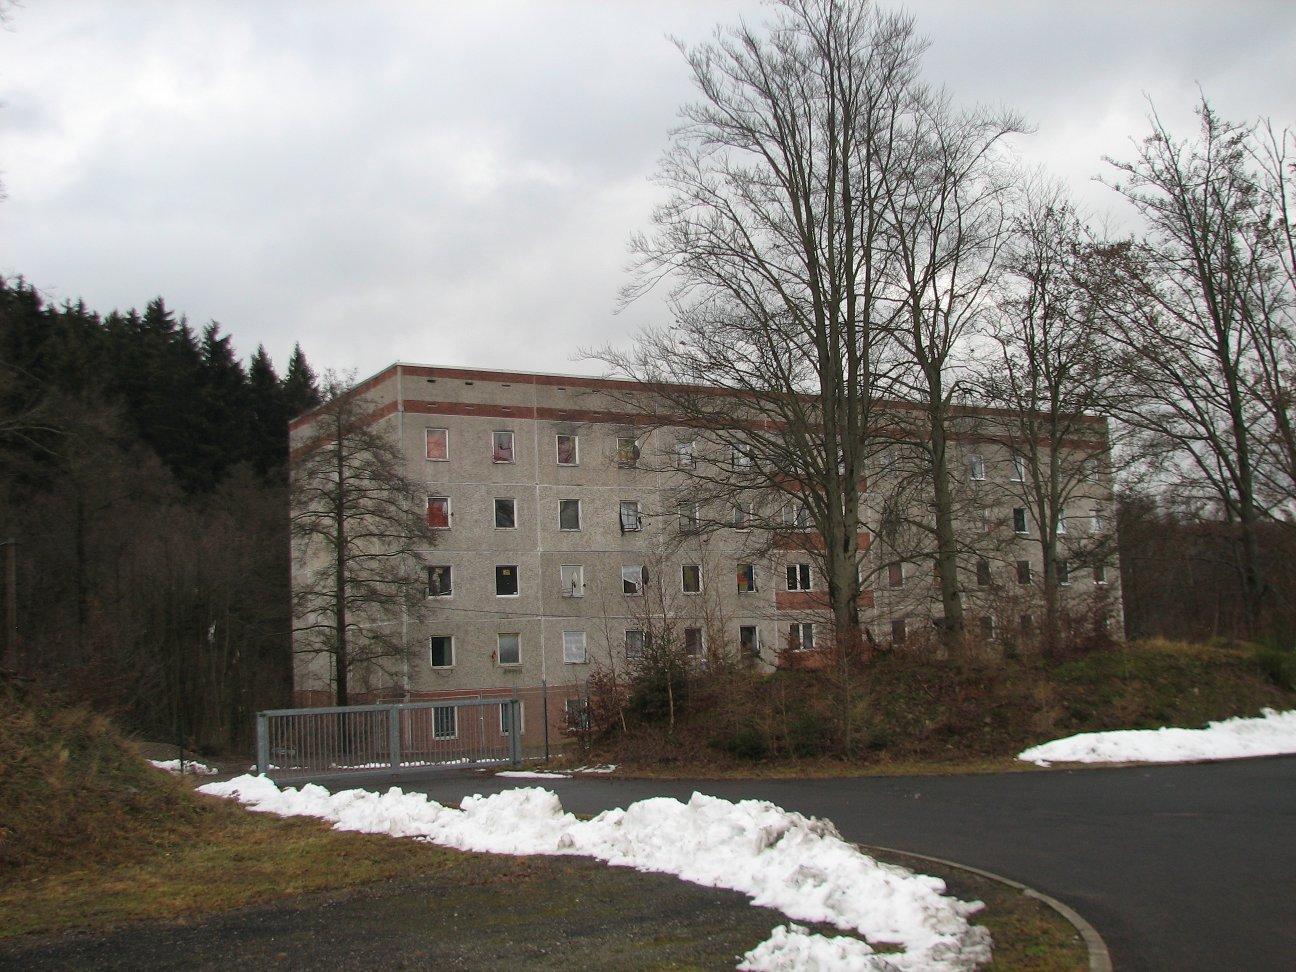 Exemplarisch für die Situation von Flüchtlingen in Deutschland – das Asylbewerberheim am Stadtrand von Zella-Mehlis zwischen Wald und Gewerbegebiet isoliert von der restlichen Bevölkerung (Foto: C. Horn)